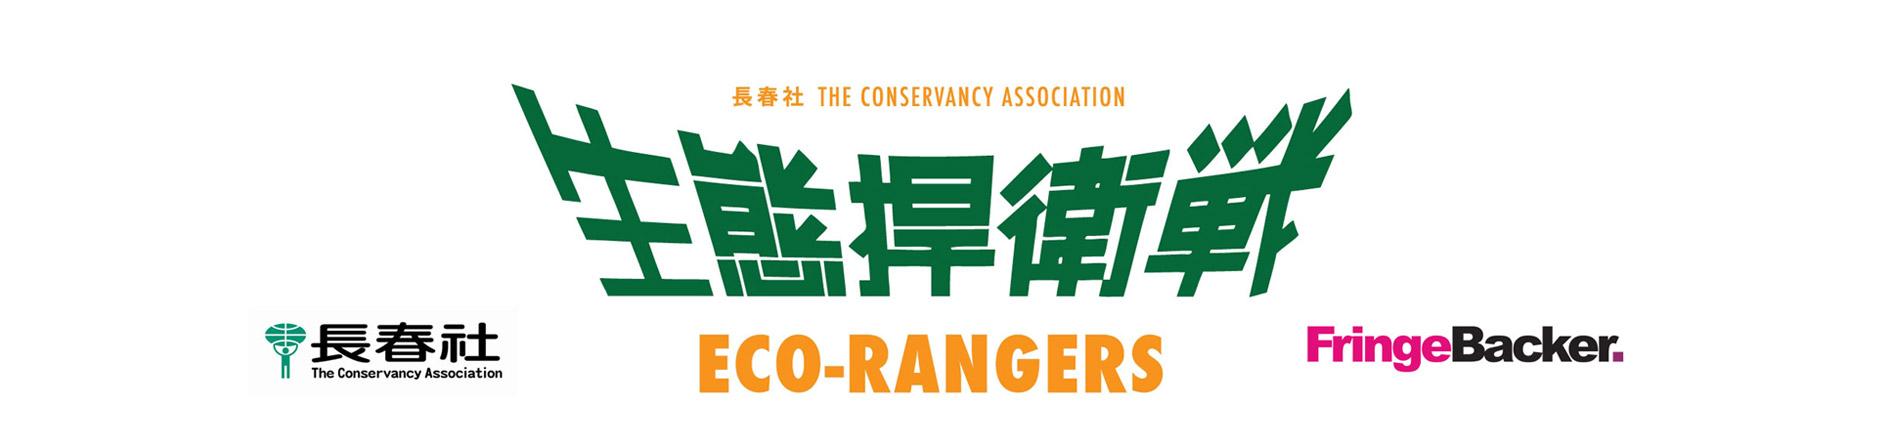 Eco-Rangers 2015